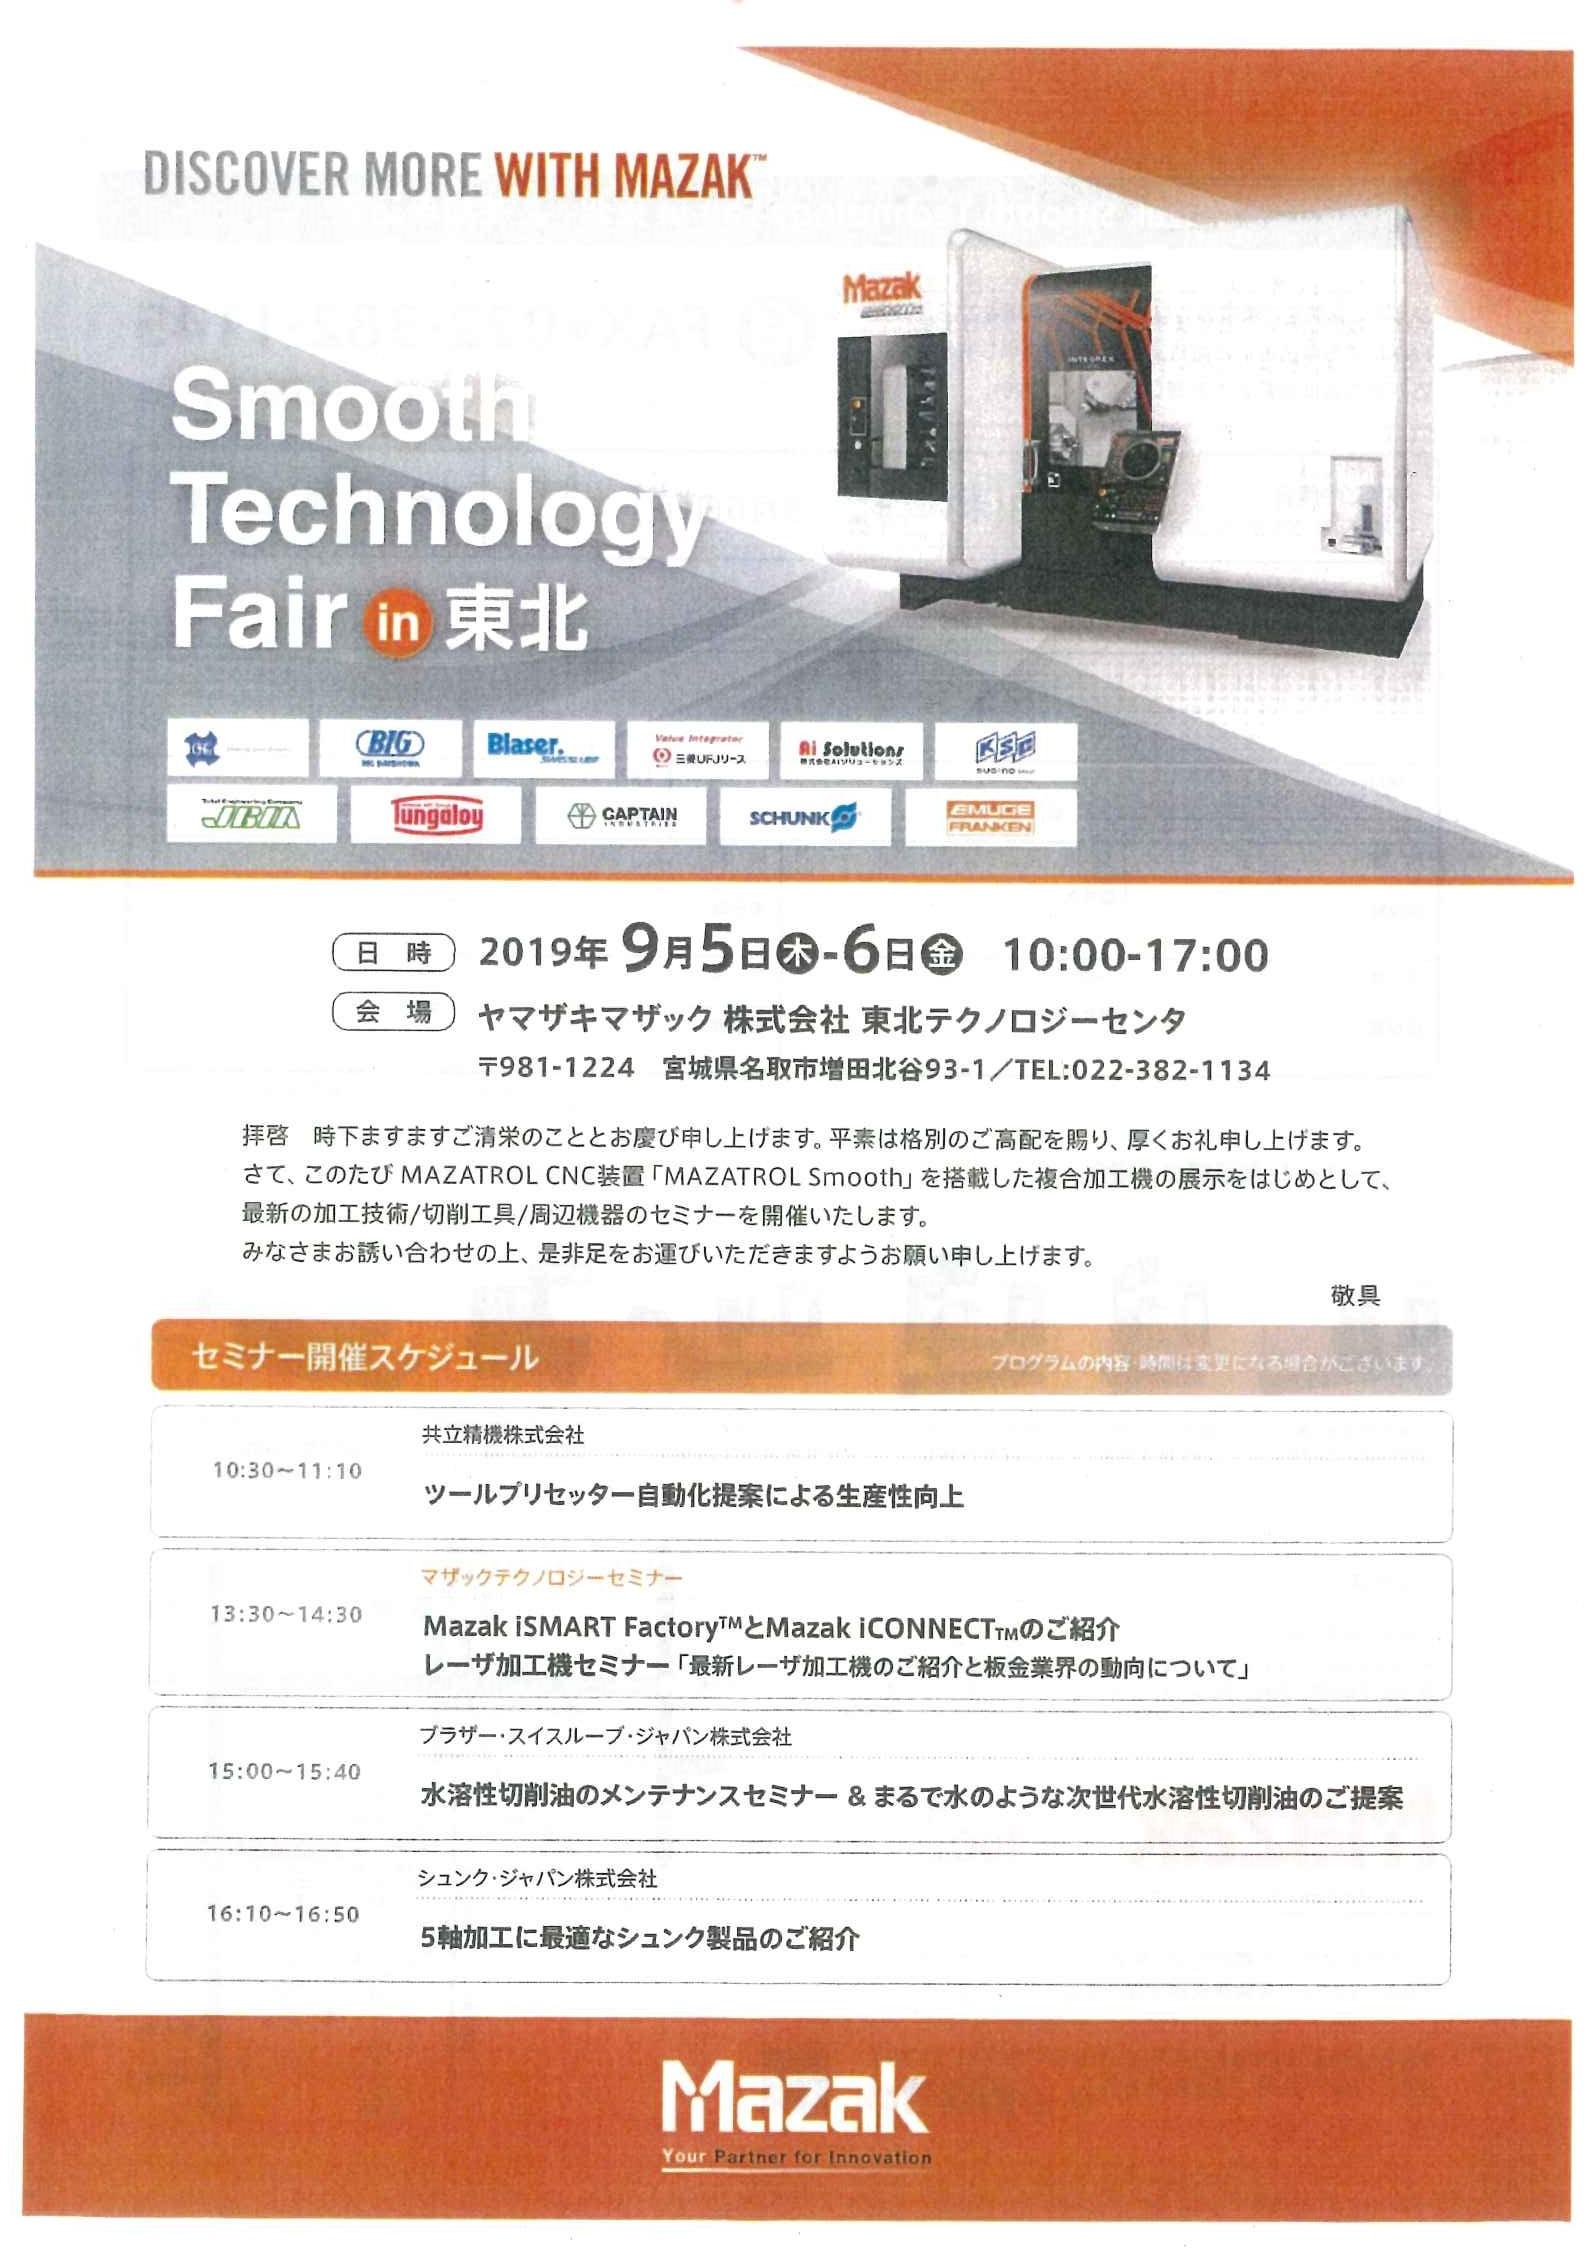 6月開催 ヤマザキマザック「Smooth Technology Fair in東北」展示会開催のお知らせ